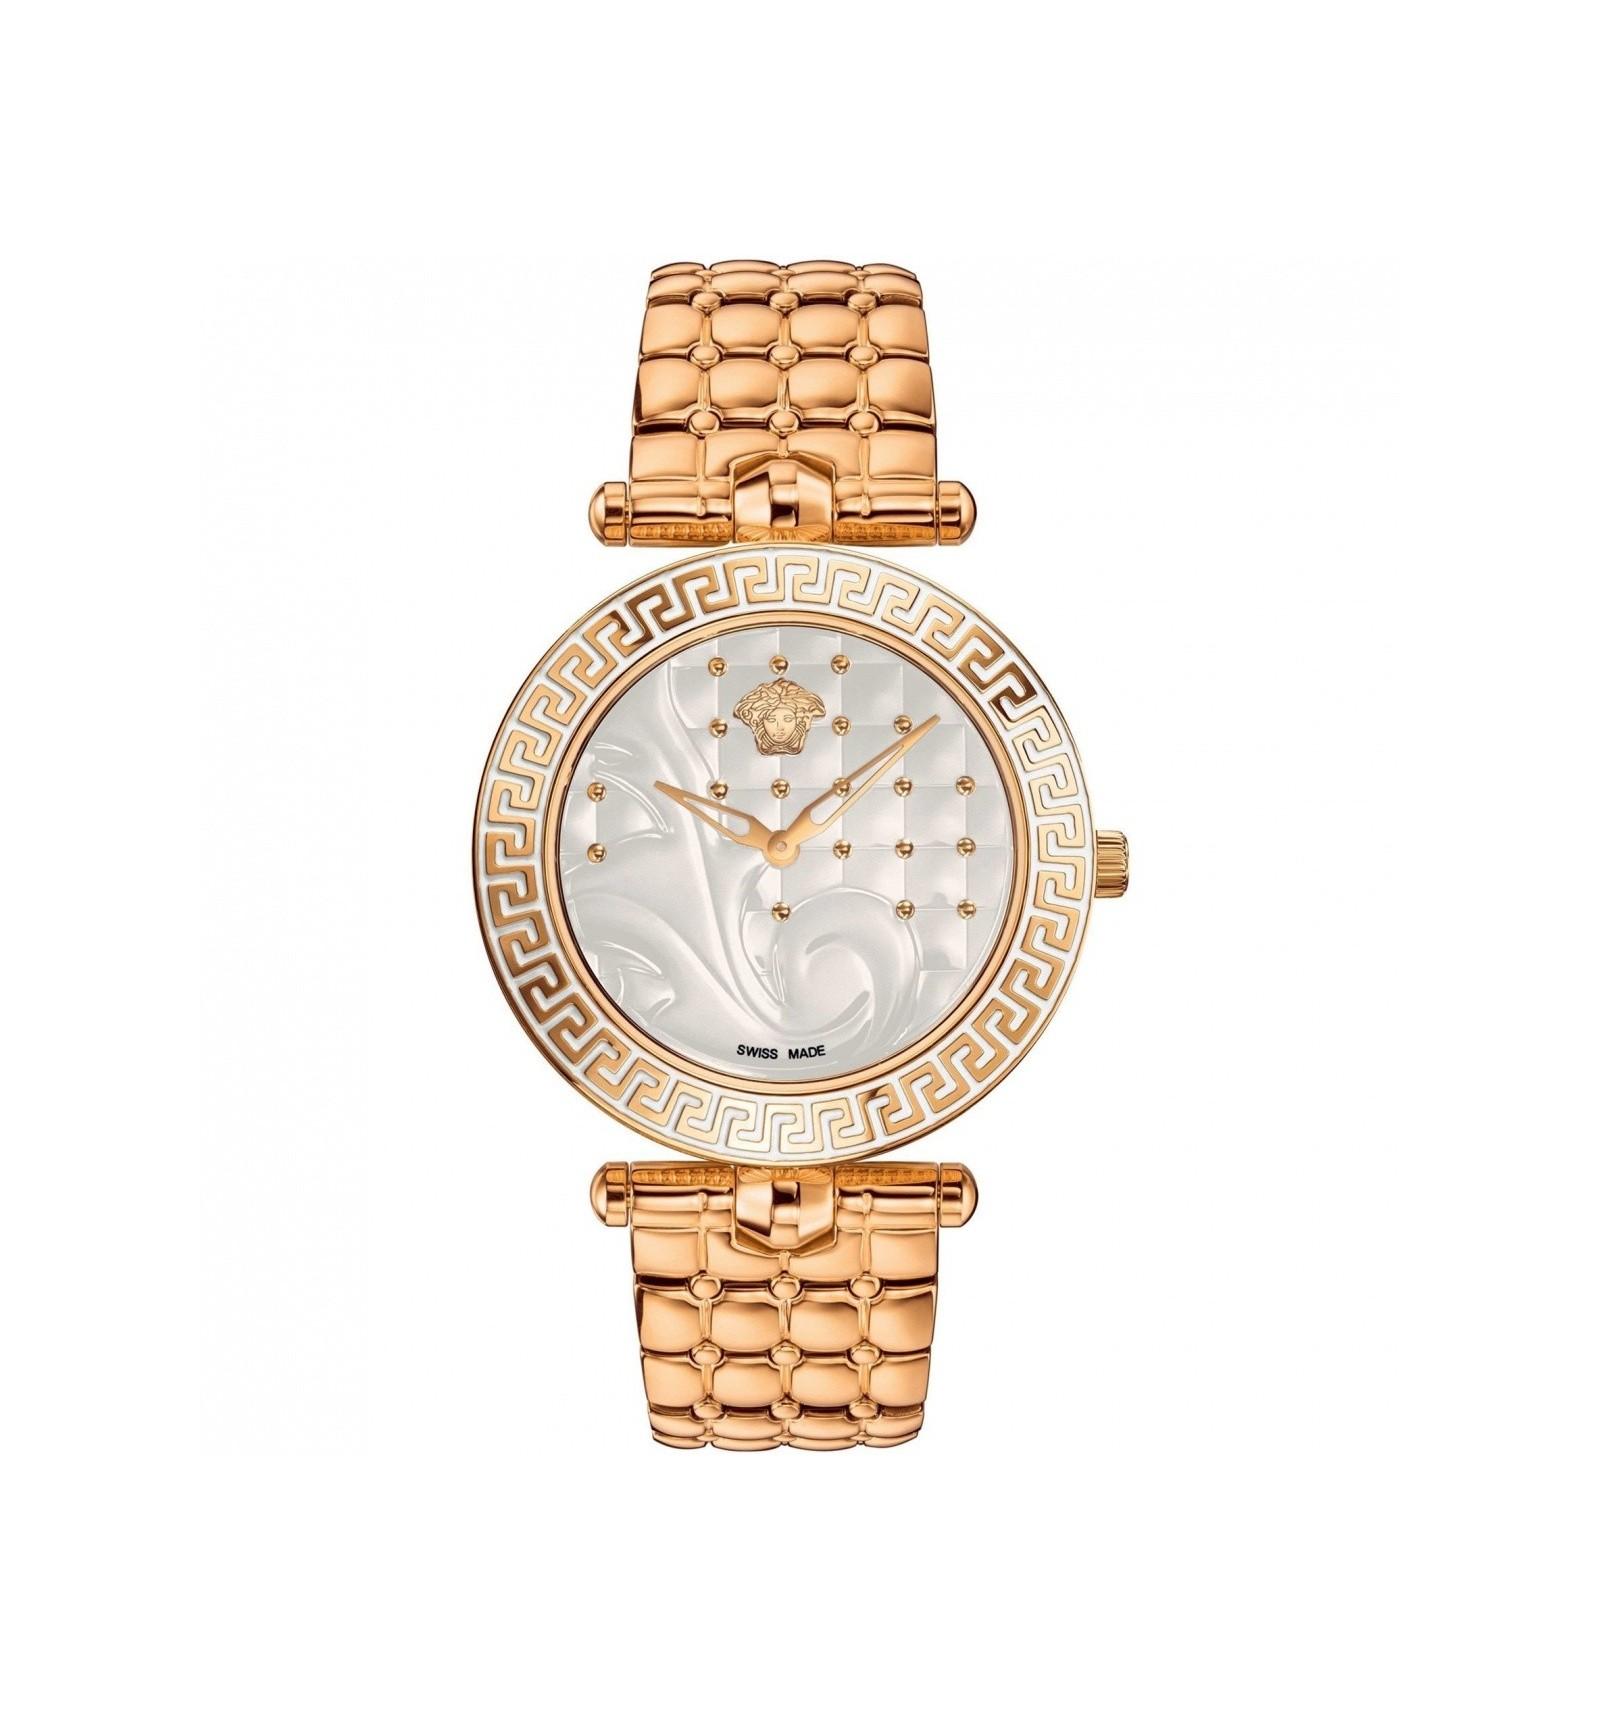 Наручные часы Versace - купить часы Версаче оригинал